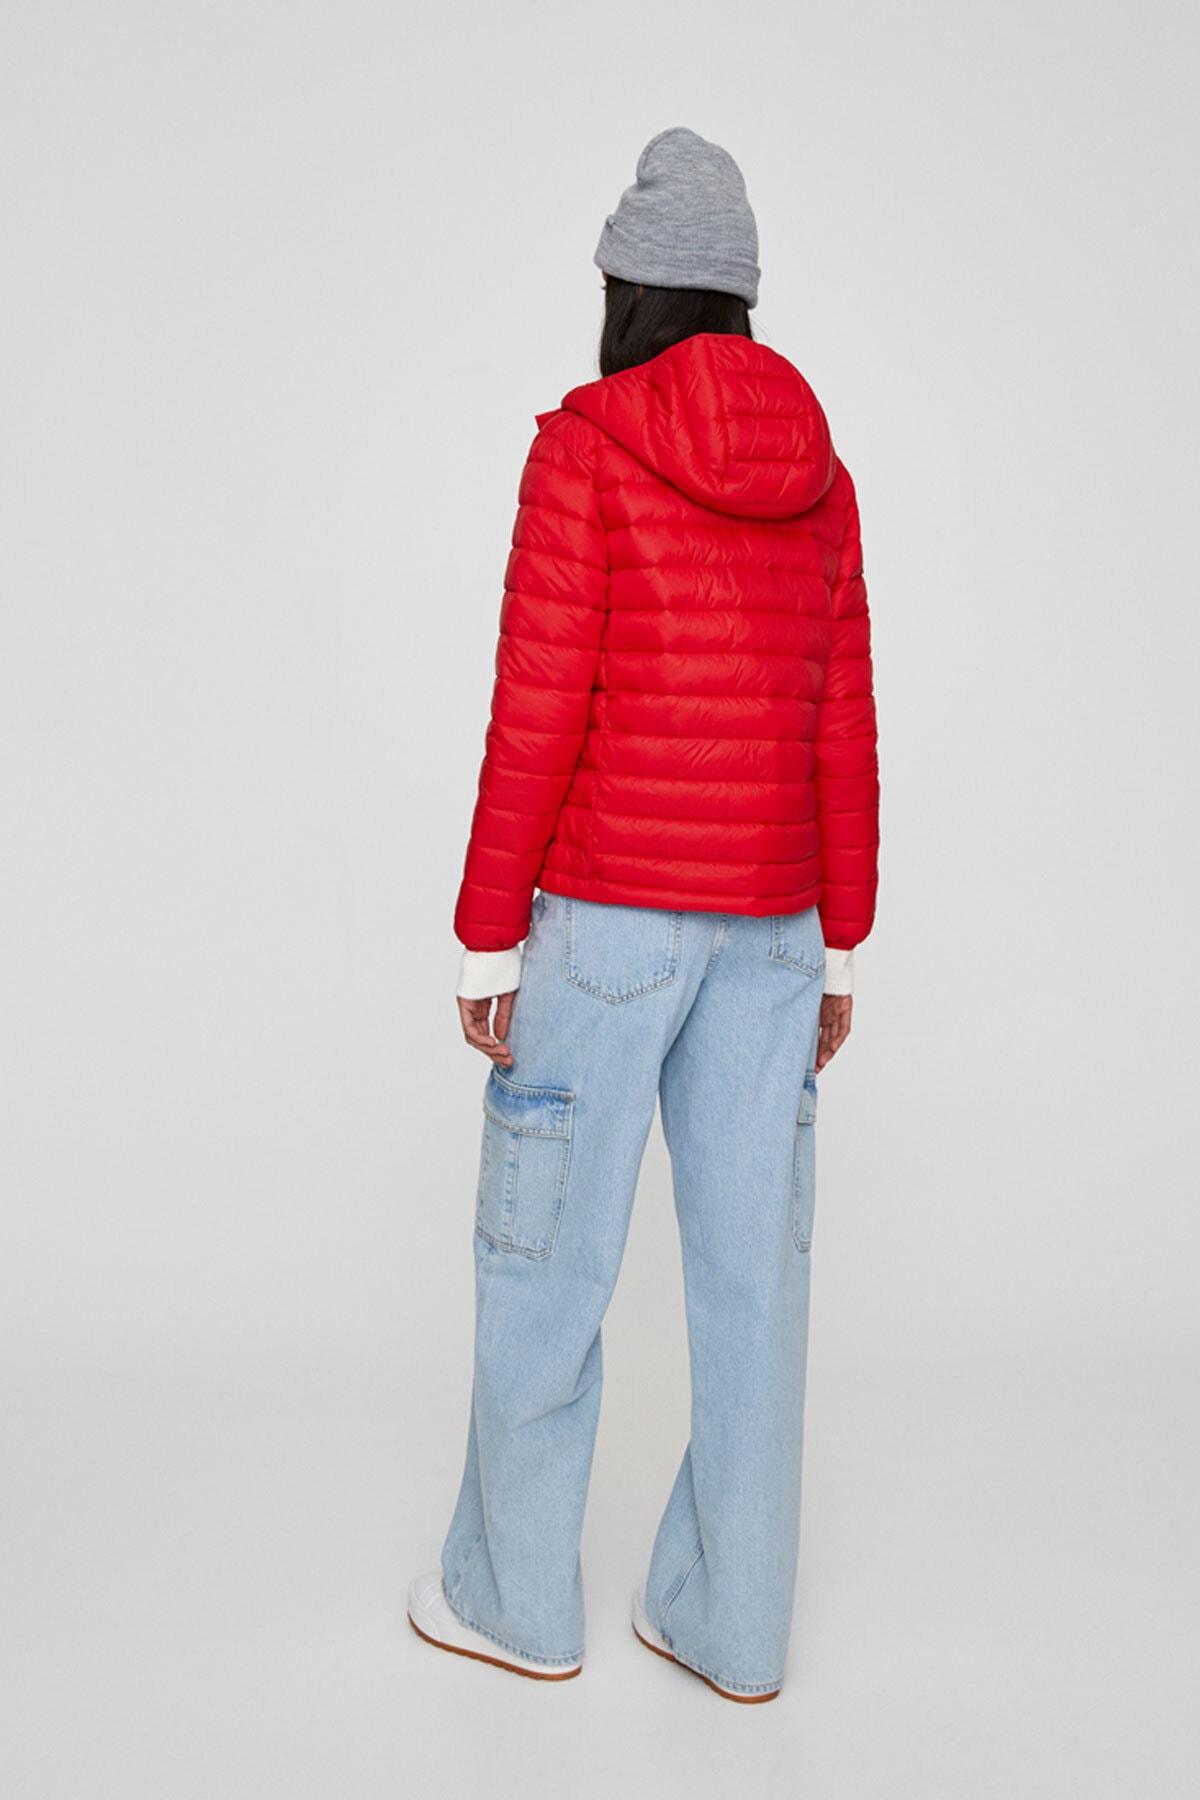 Pull & Bear Kadın Açık Kırmızı Basic Şişme Mont 09714333 1